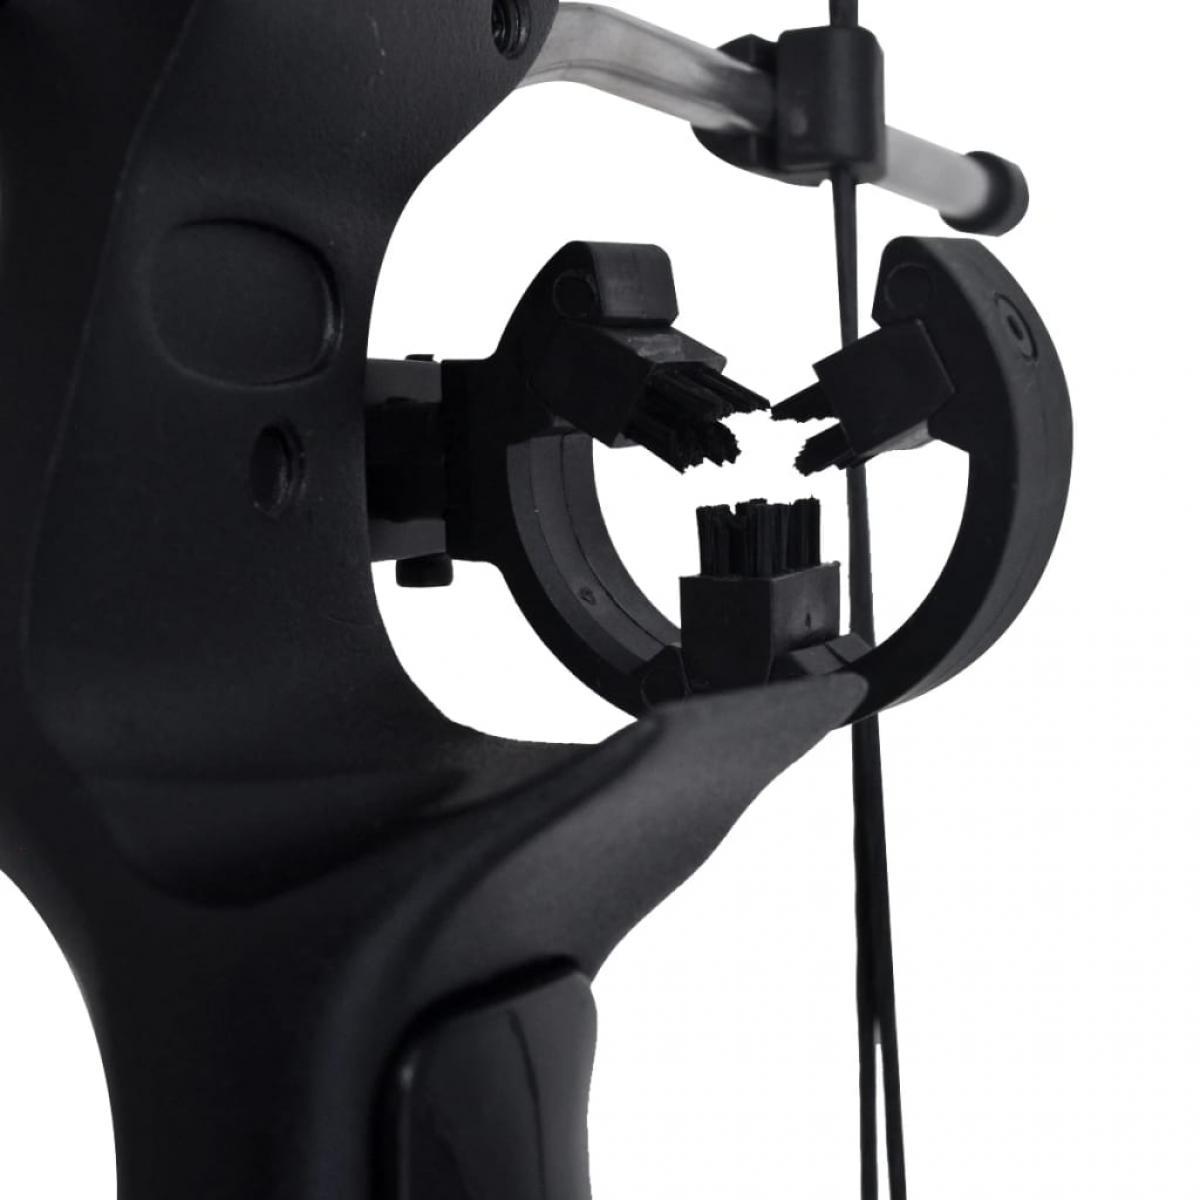 Arco de poleas para adultos con accesorios y flechas